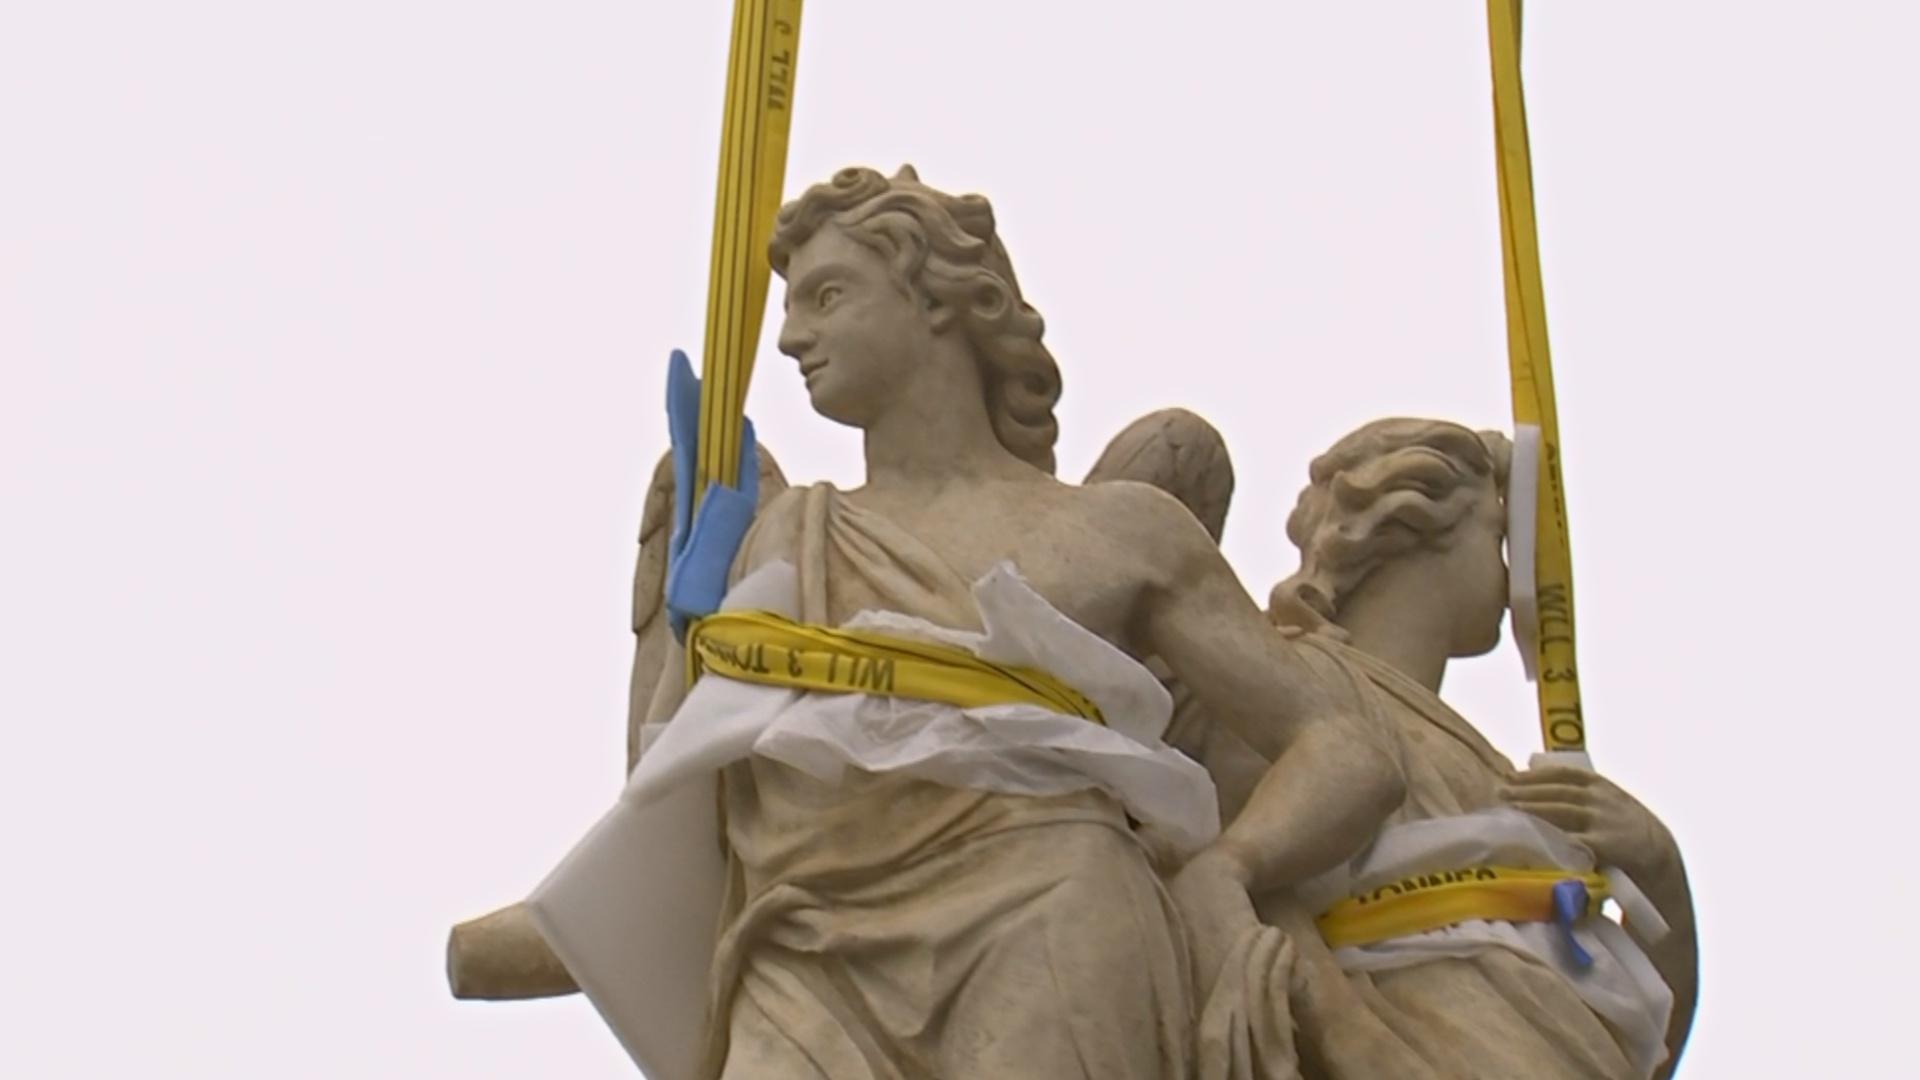 Церковь Валь-де-Грас в Париже украсят отреставрированные ангелы